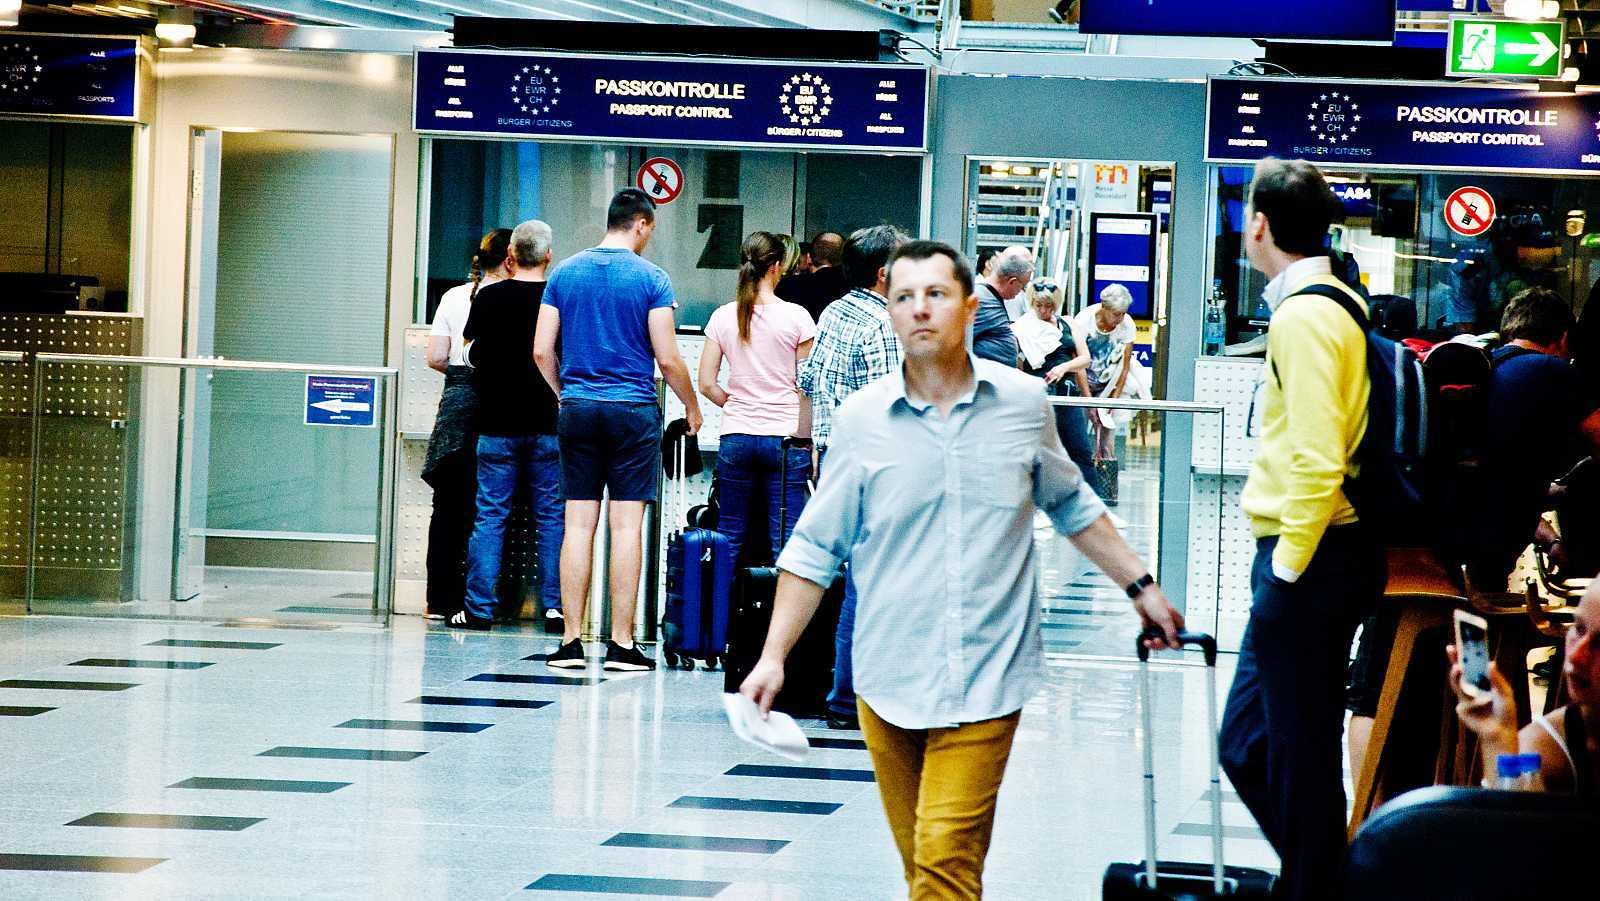 La Comisión Europea recomienda reabrir paulatinamente las fronteras para salvar la temporada turística